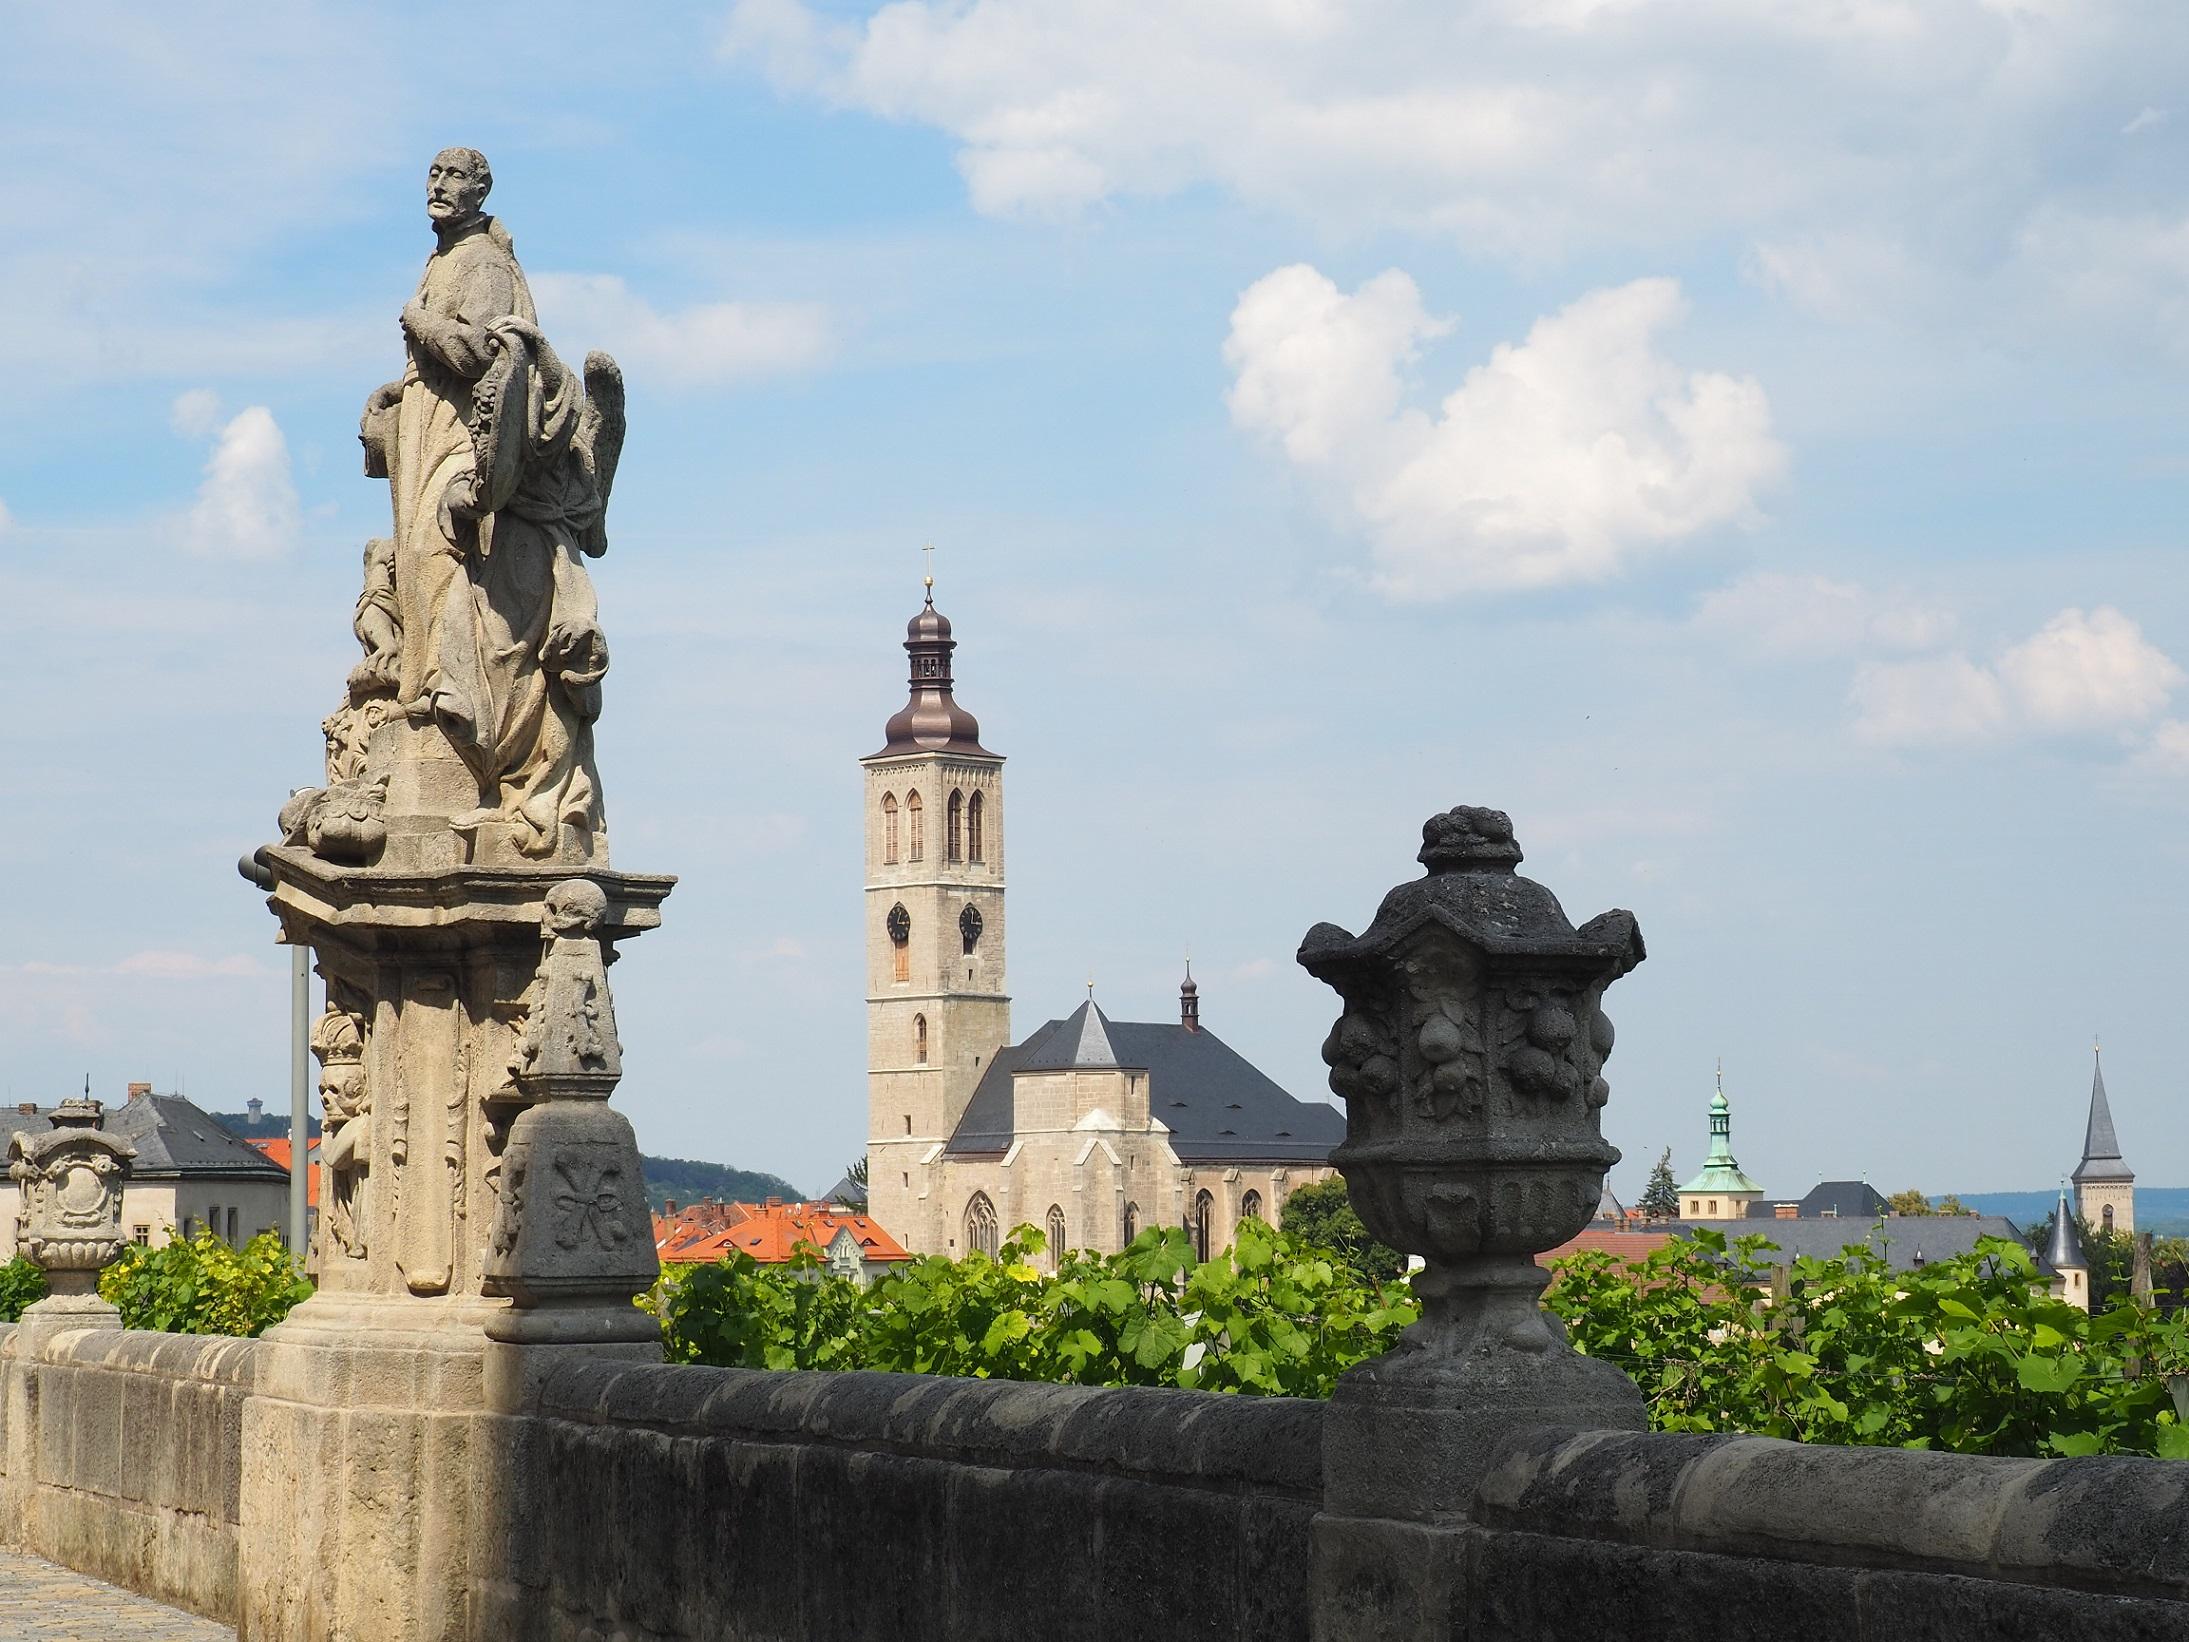 Le collègue jésuite et ses statues